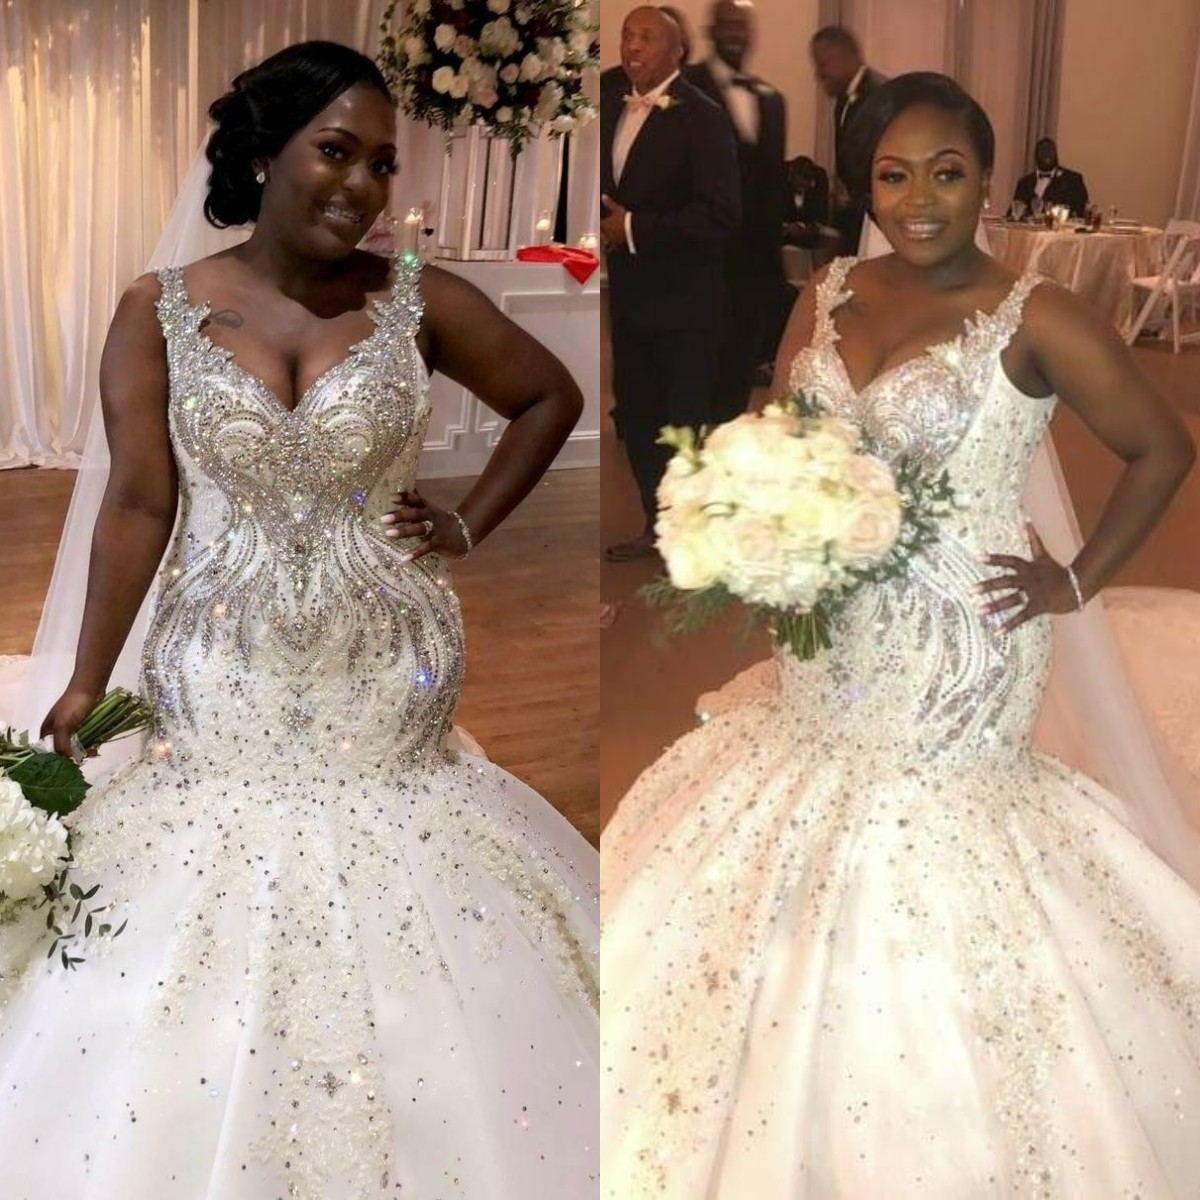 فستان زفاف لامع على شكل حورية البحر ، مقاس كبير ، كريستال مطرز ، ياقة على شكل v ، قطار نيجيري أفريقي ، بوق ، 2021